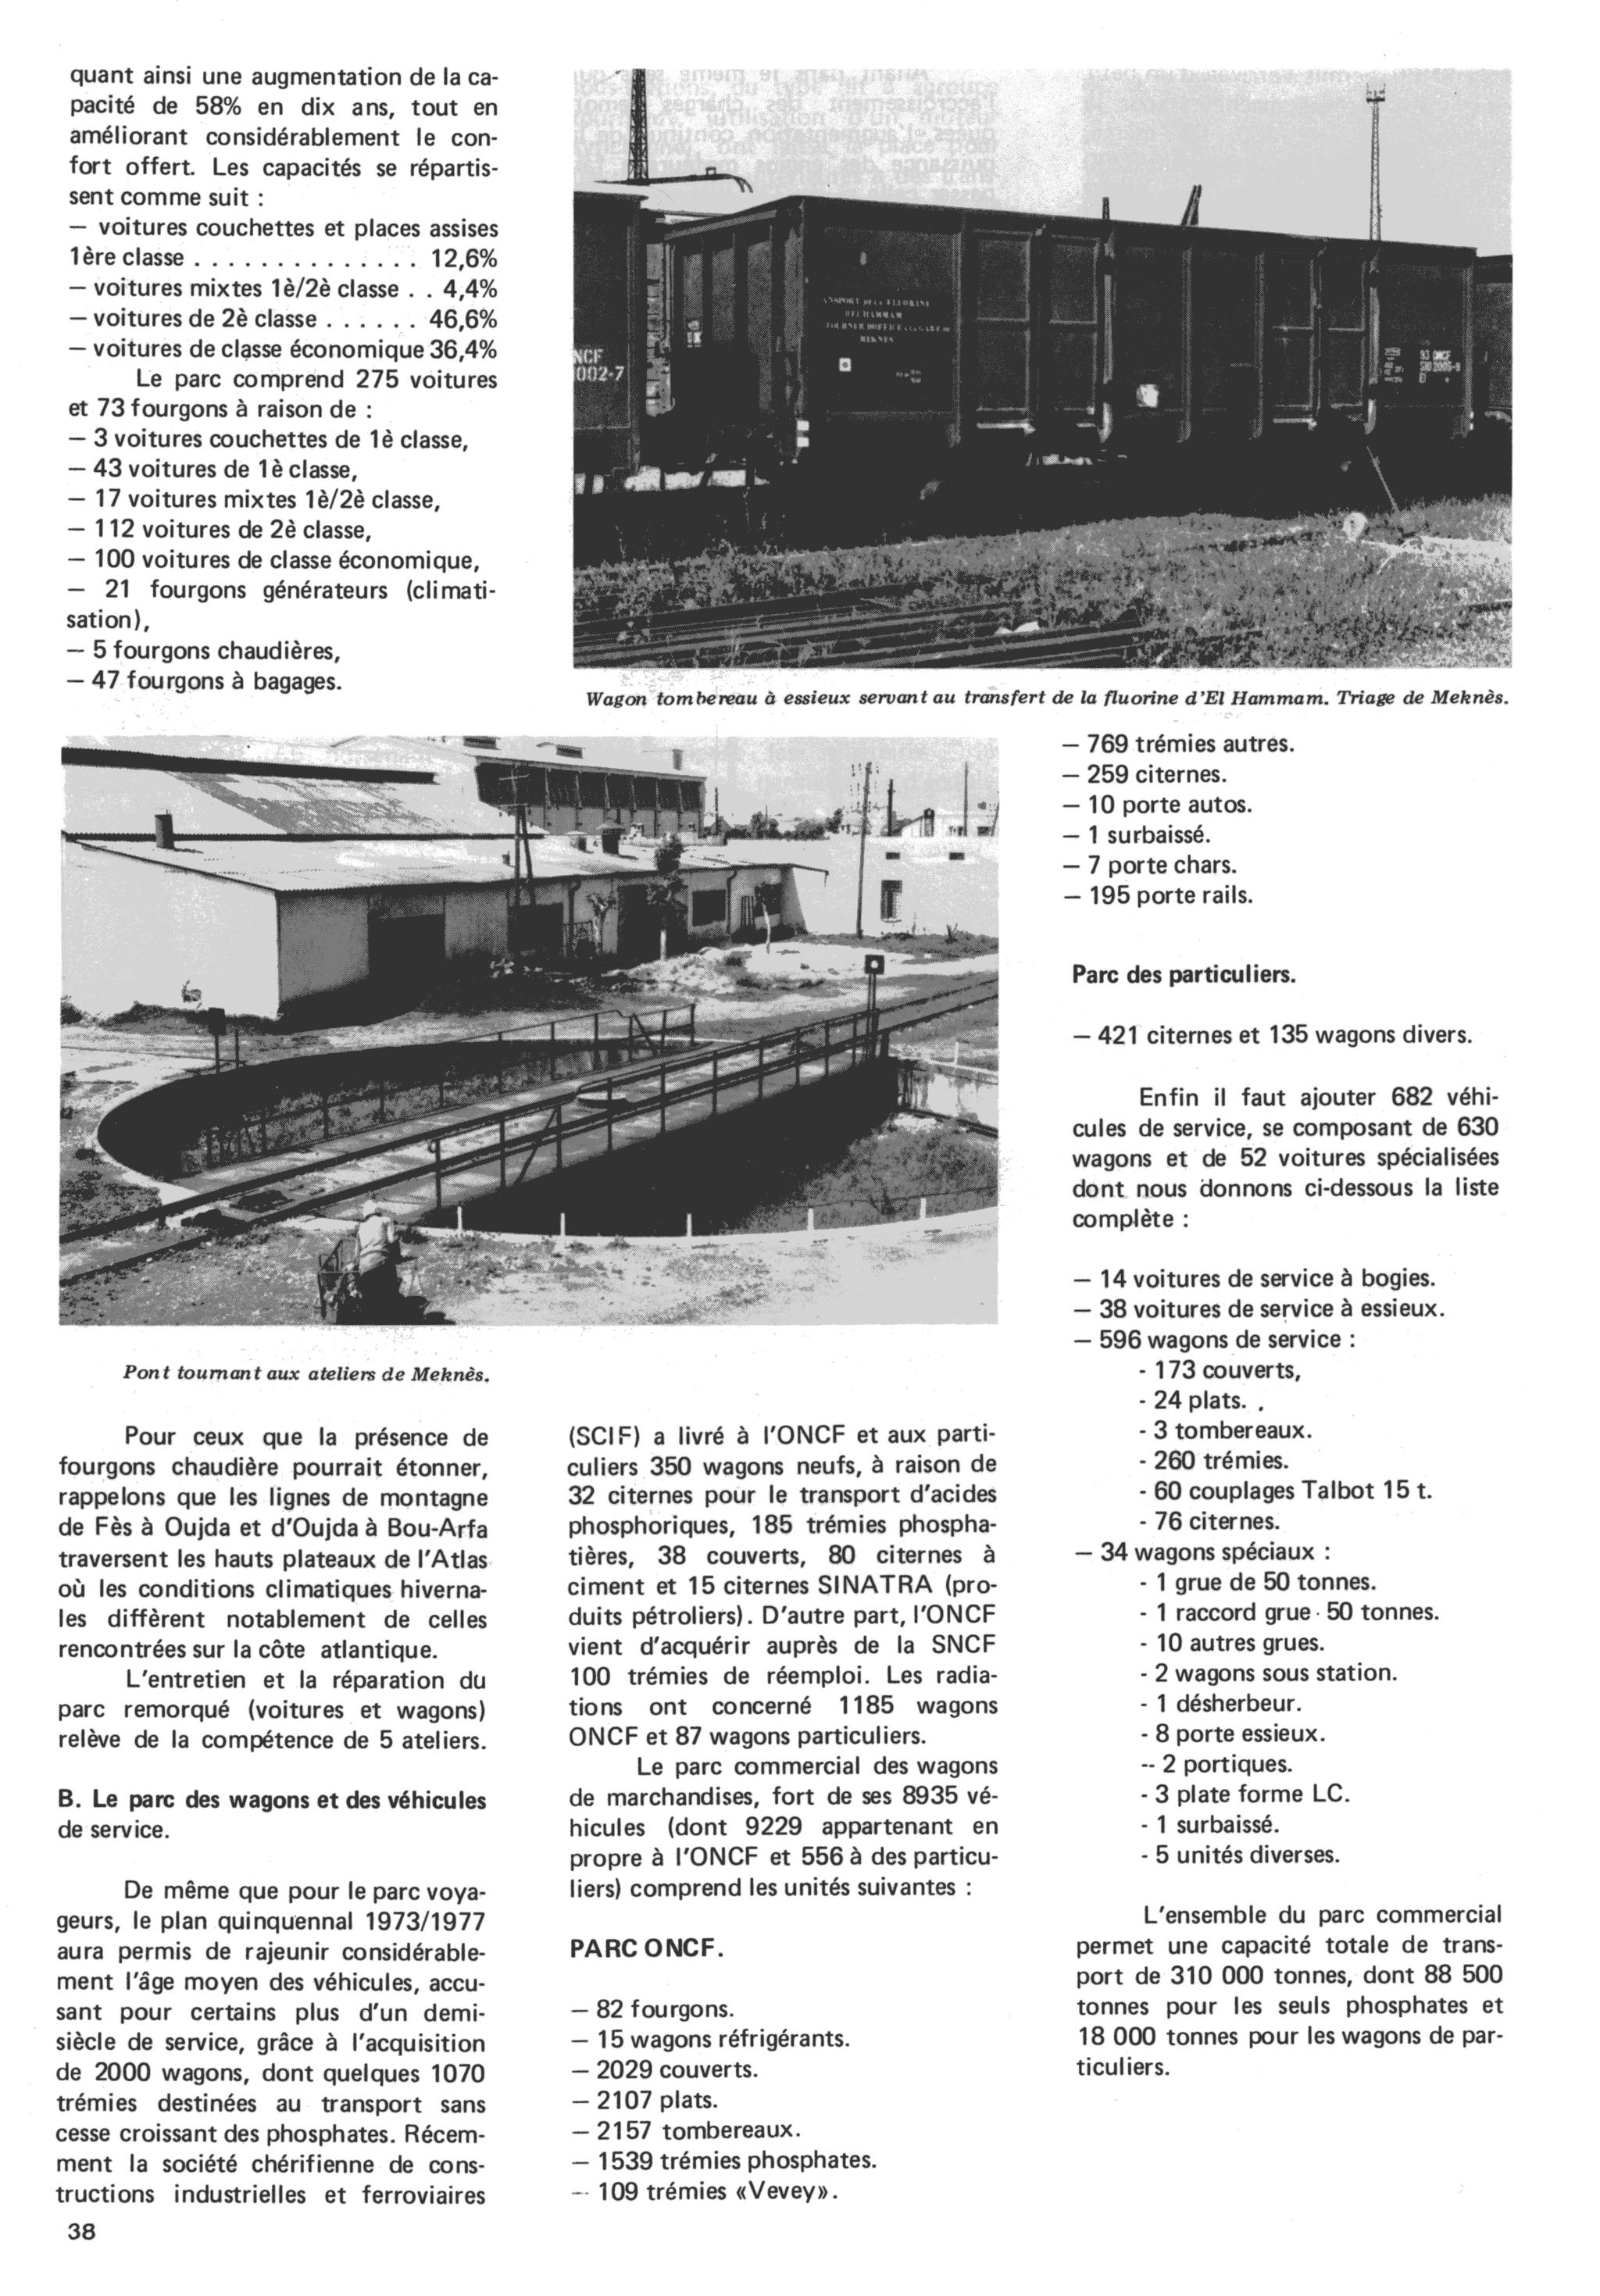 Chemins de Fer au Maroc - ONCF  - Page 4 49736159023_d6c1b3c183_o_d